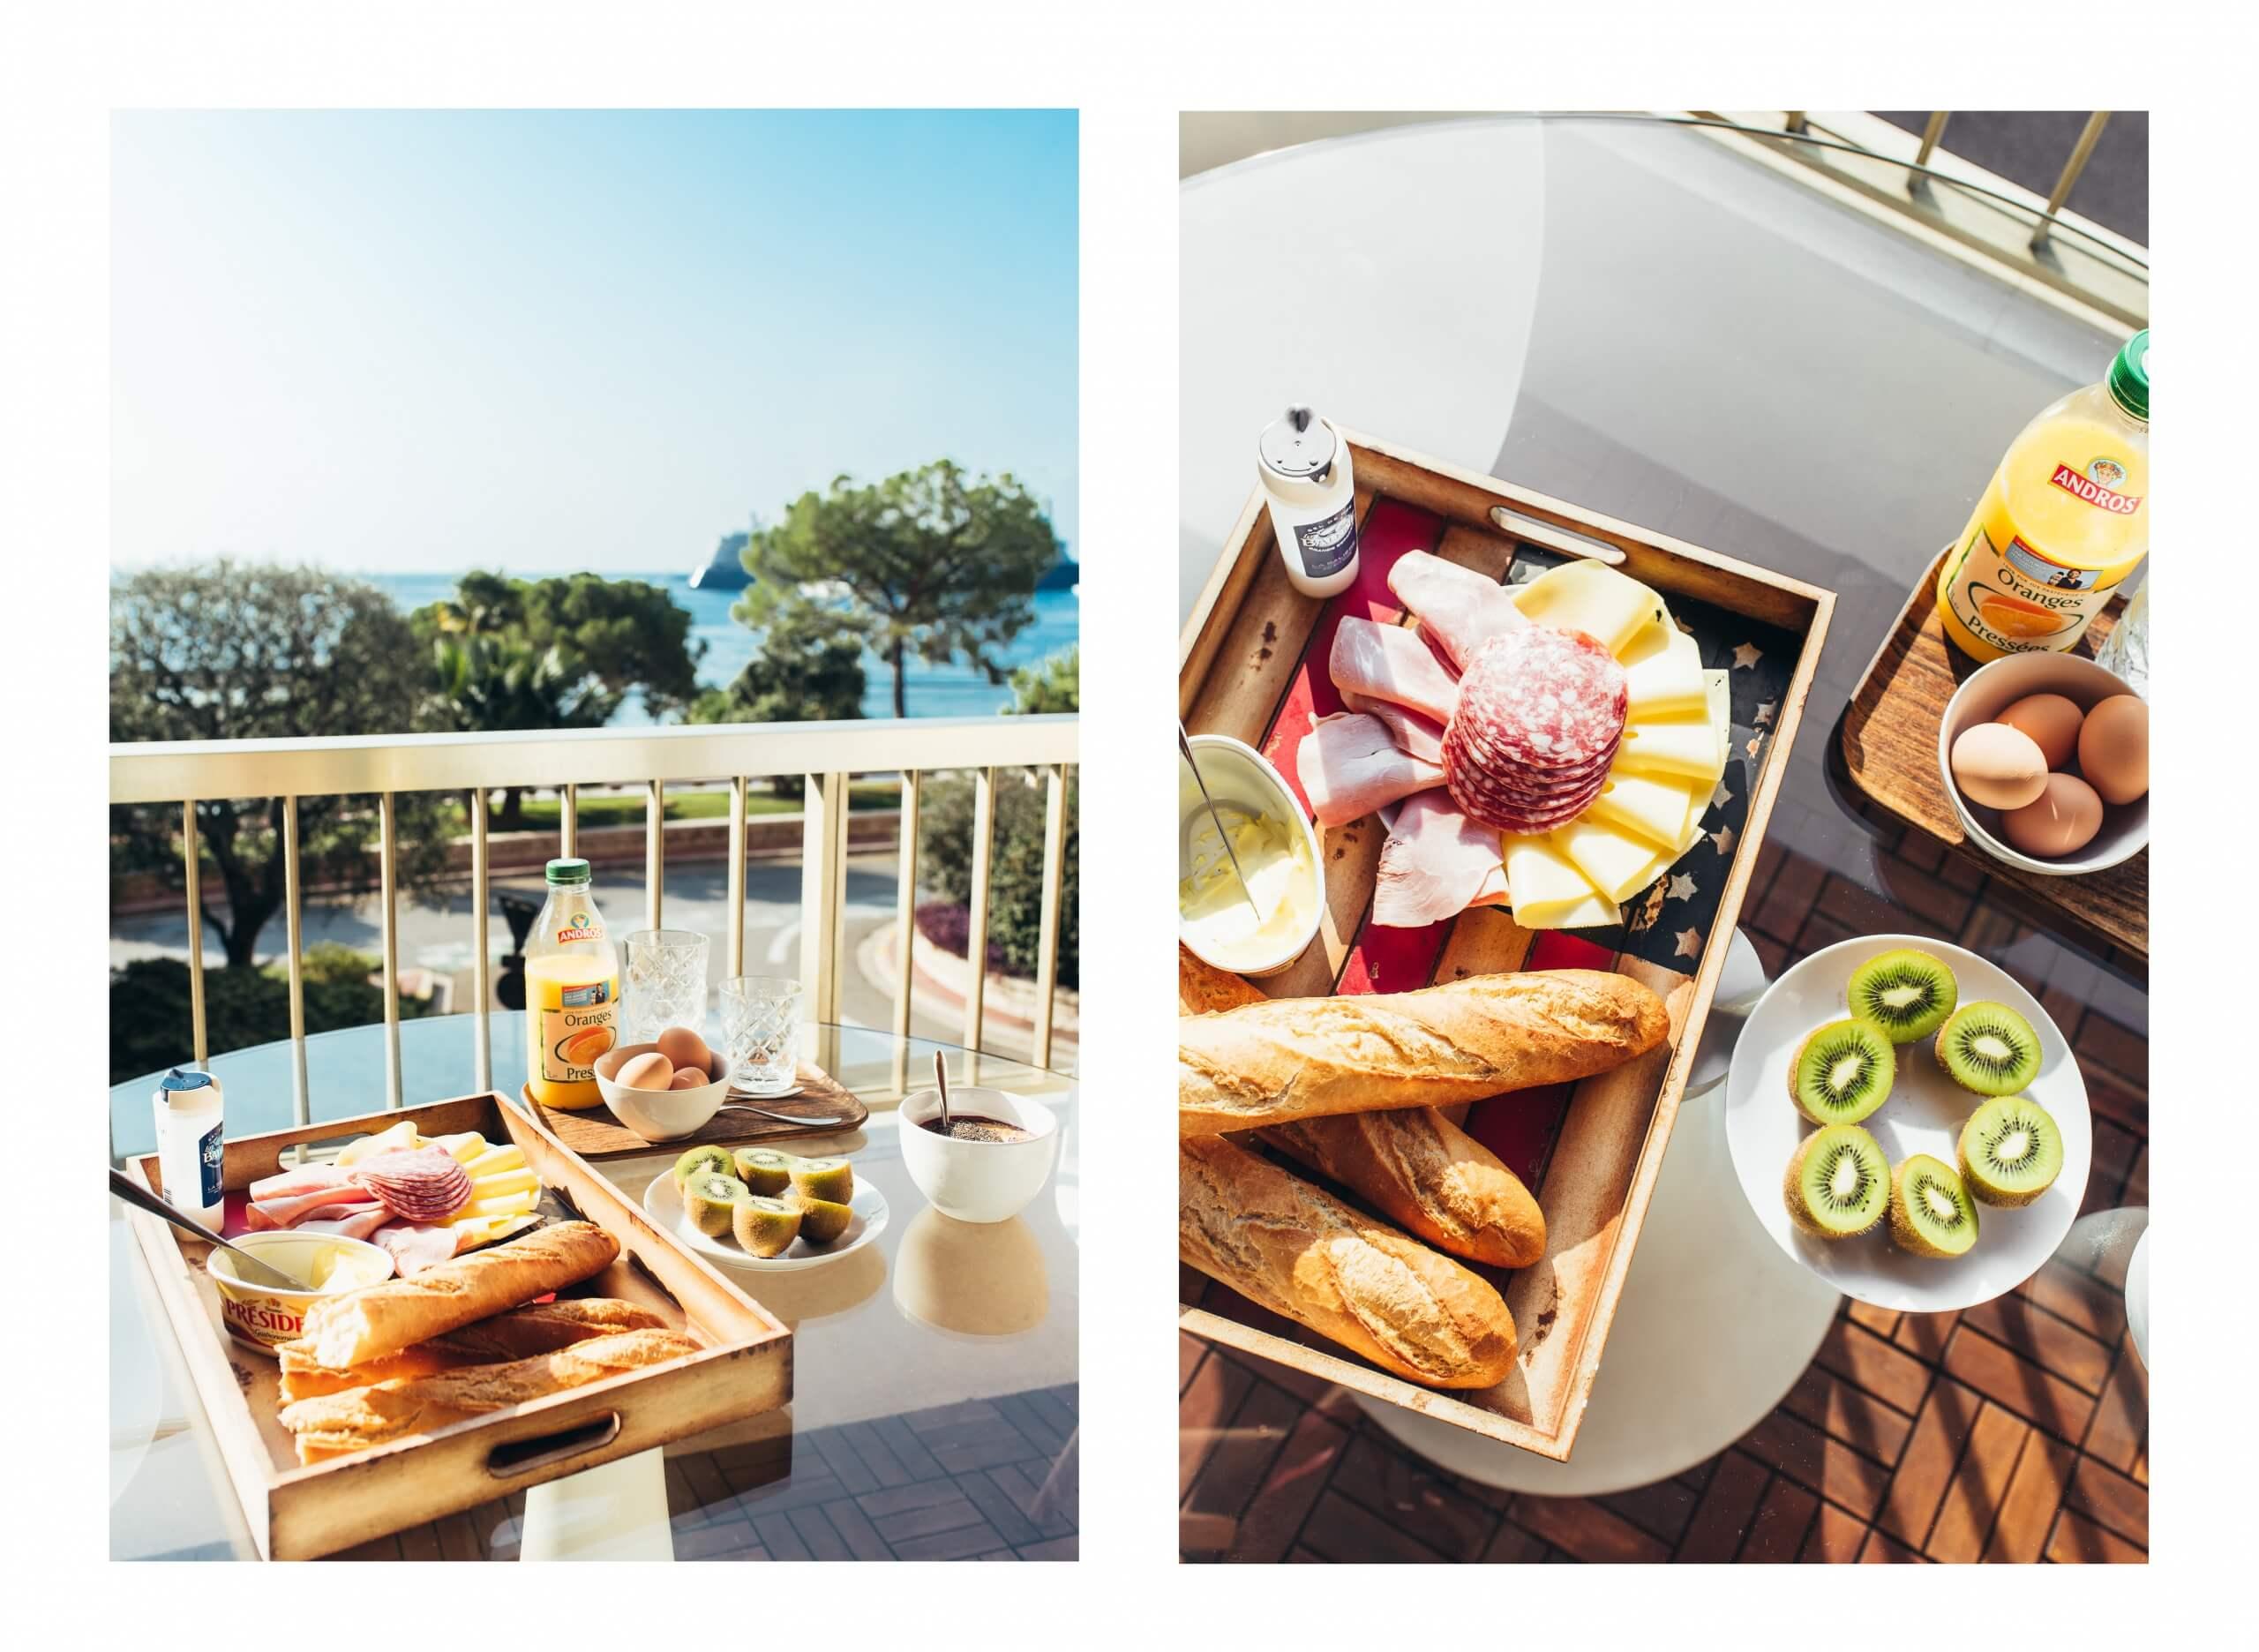 janni-deler-balcony-breakfastDSC_1104 copy